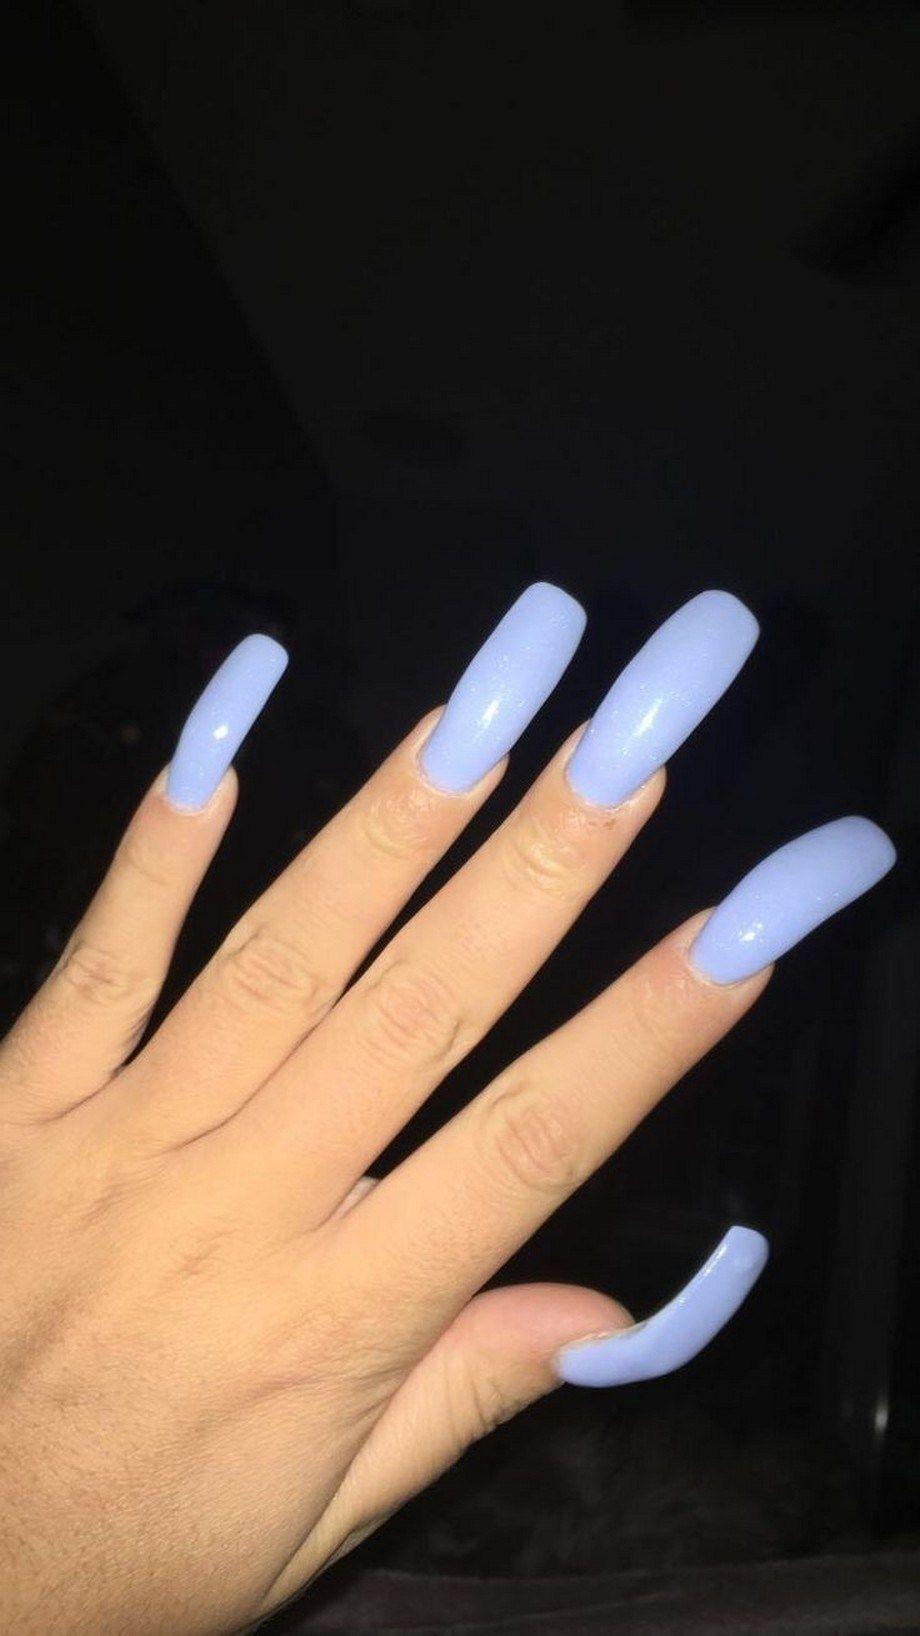 60 Natural Summer Nail Color Ideas For 2019 Summernailscolors Summernails Nailscolors Sassykatchy Com Crazy Nails Blue Acrylic Nails Nails